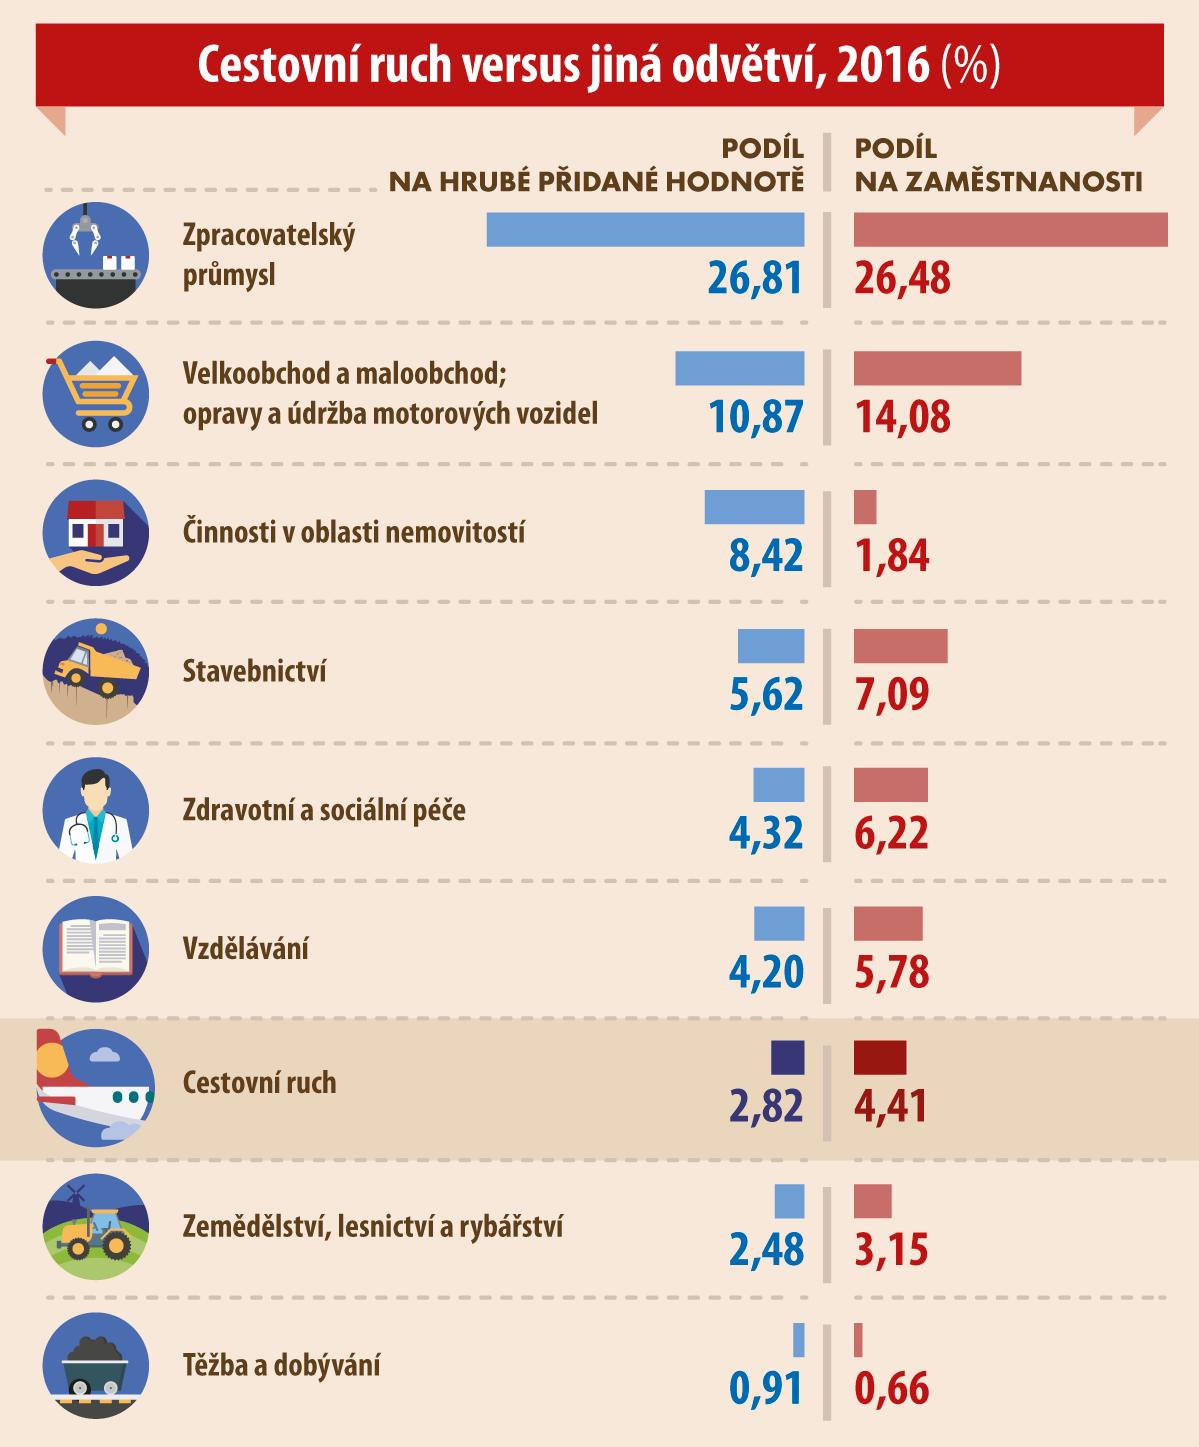 Cestovní ruch versus jiná odvětví, 2016 (%)